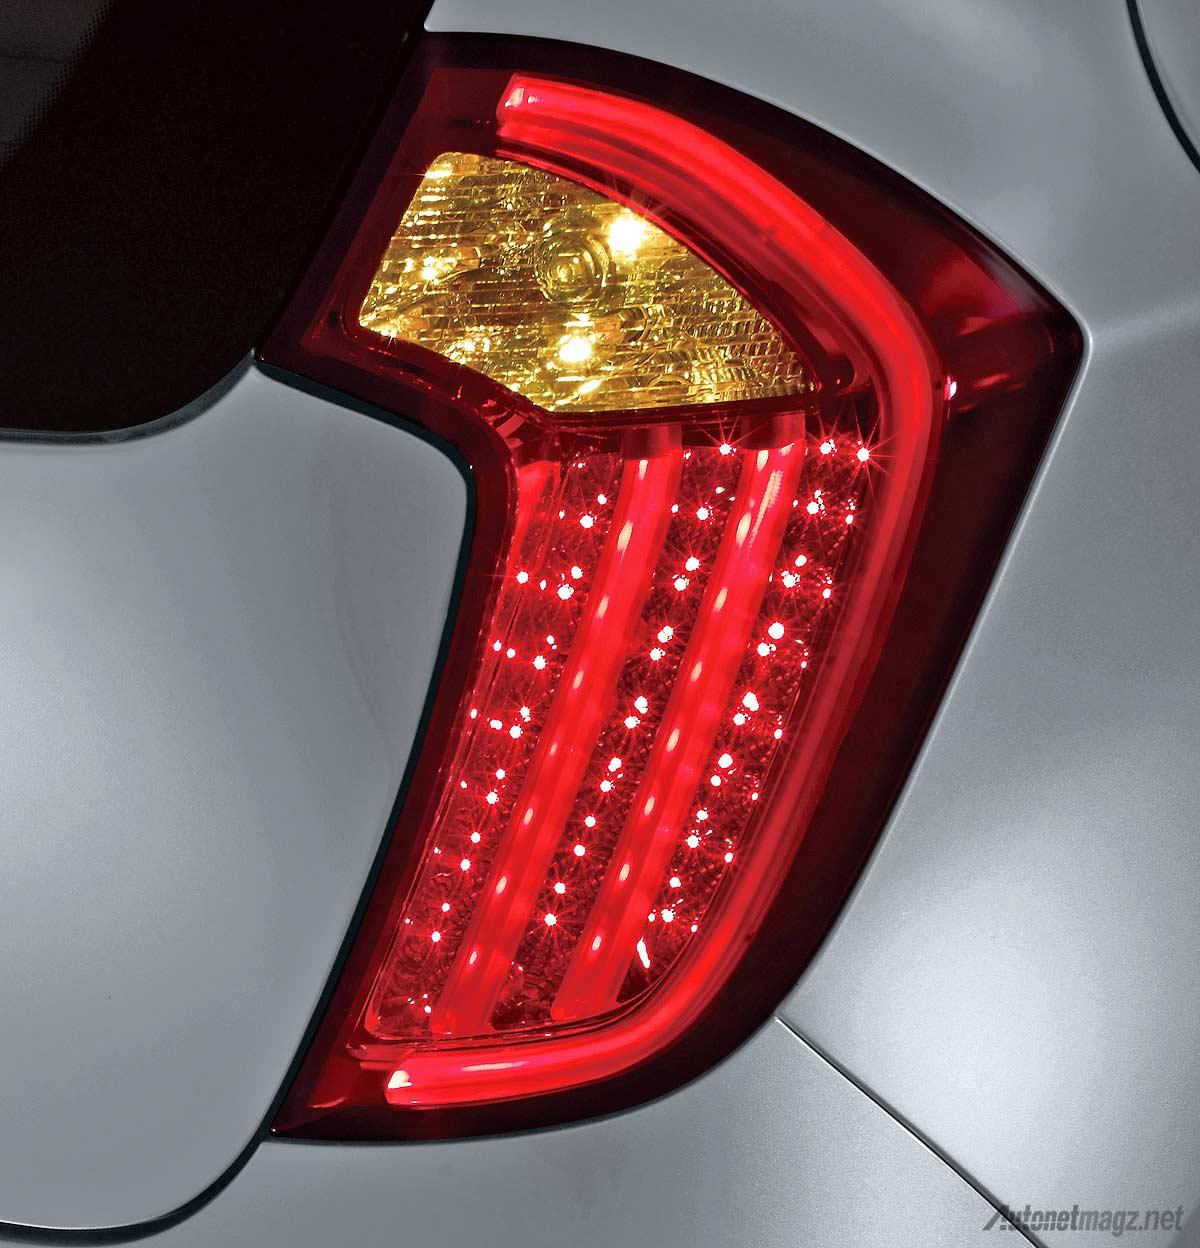 Kia, Lampu belakang LED KIA Picanto Platinum baru 2014: KIA Picanto Platinum, Varian Tertinggi Picanto Resmi Diluncurkan